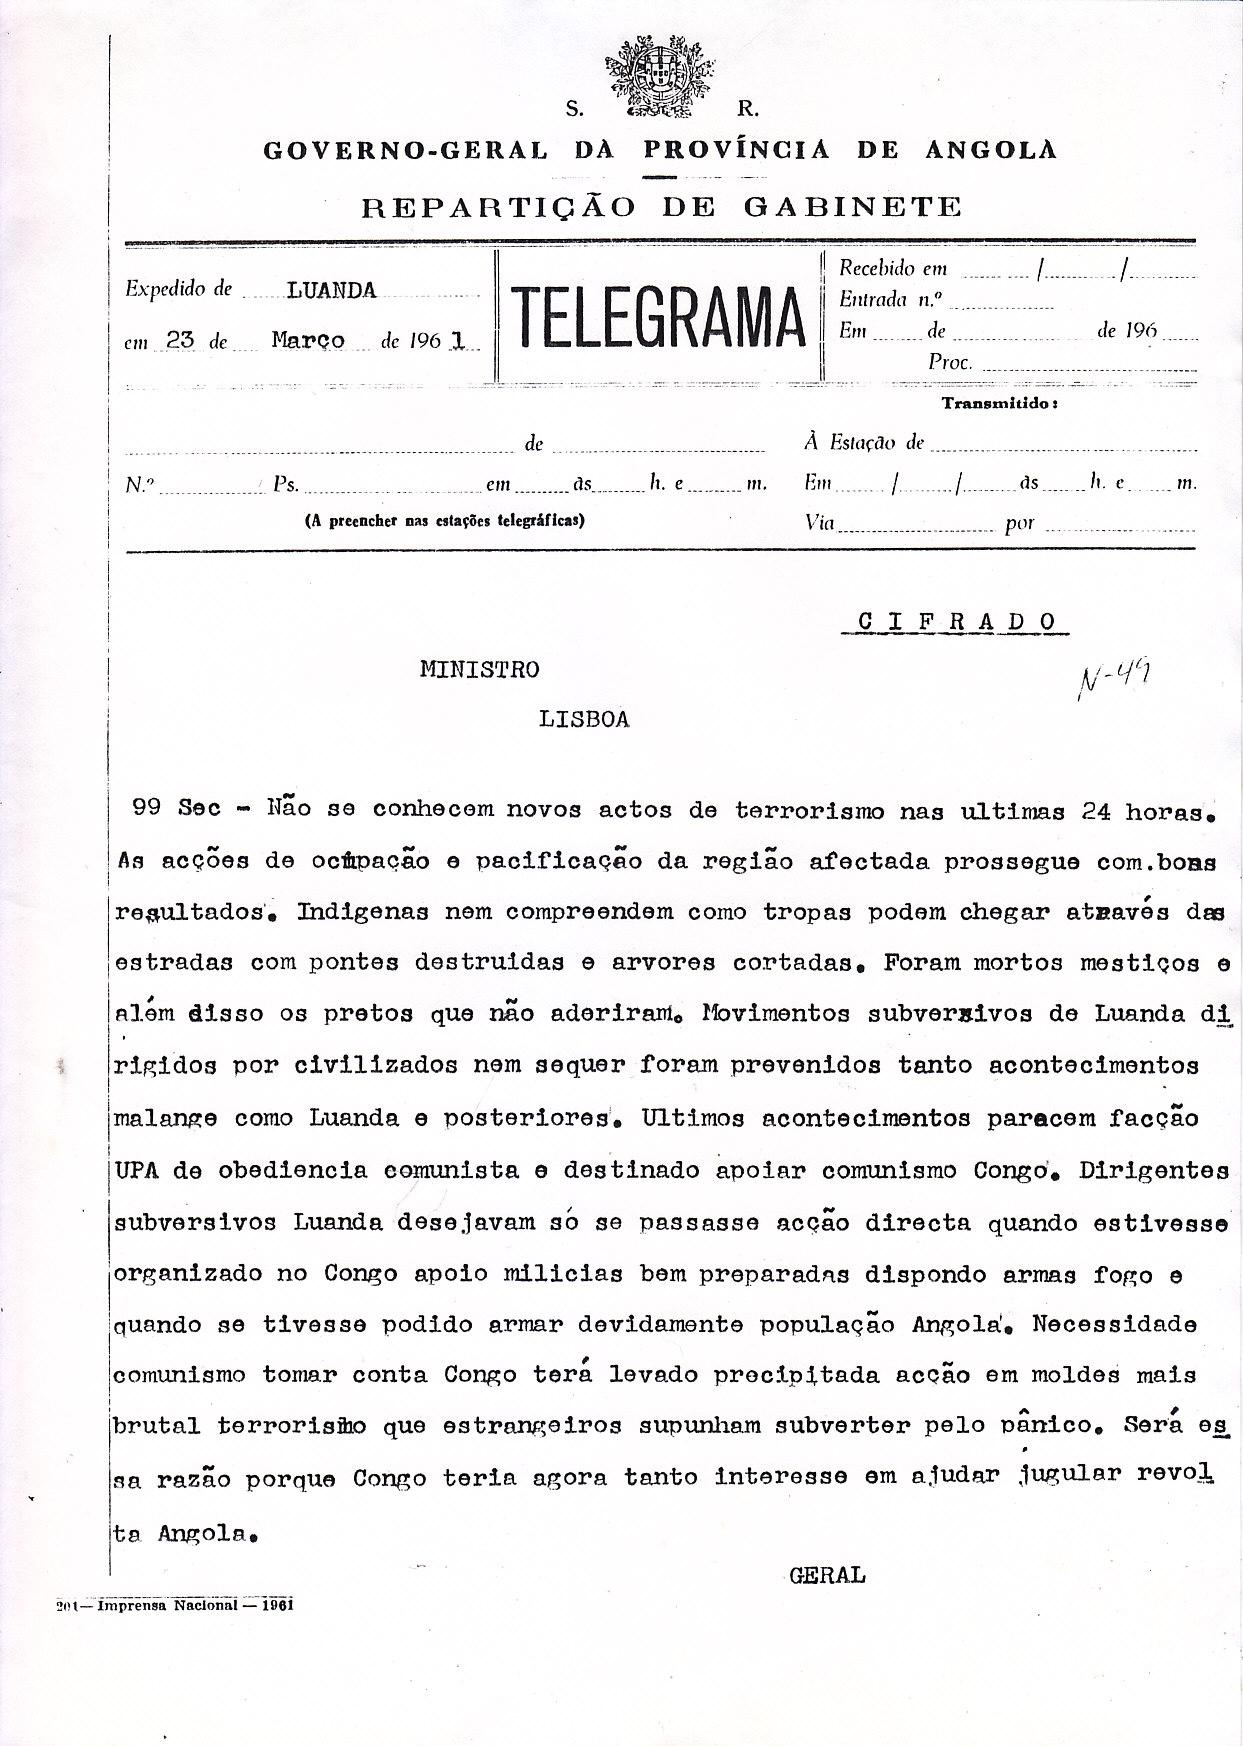 Alvaro_Silva _Tavares_telegrama_0003